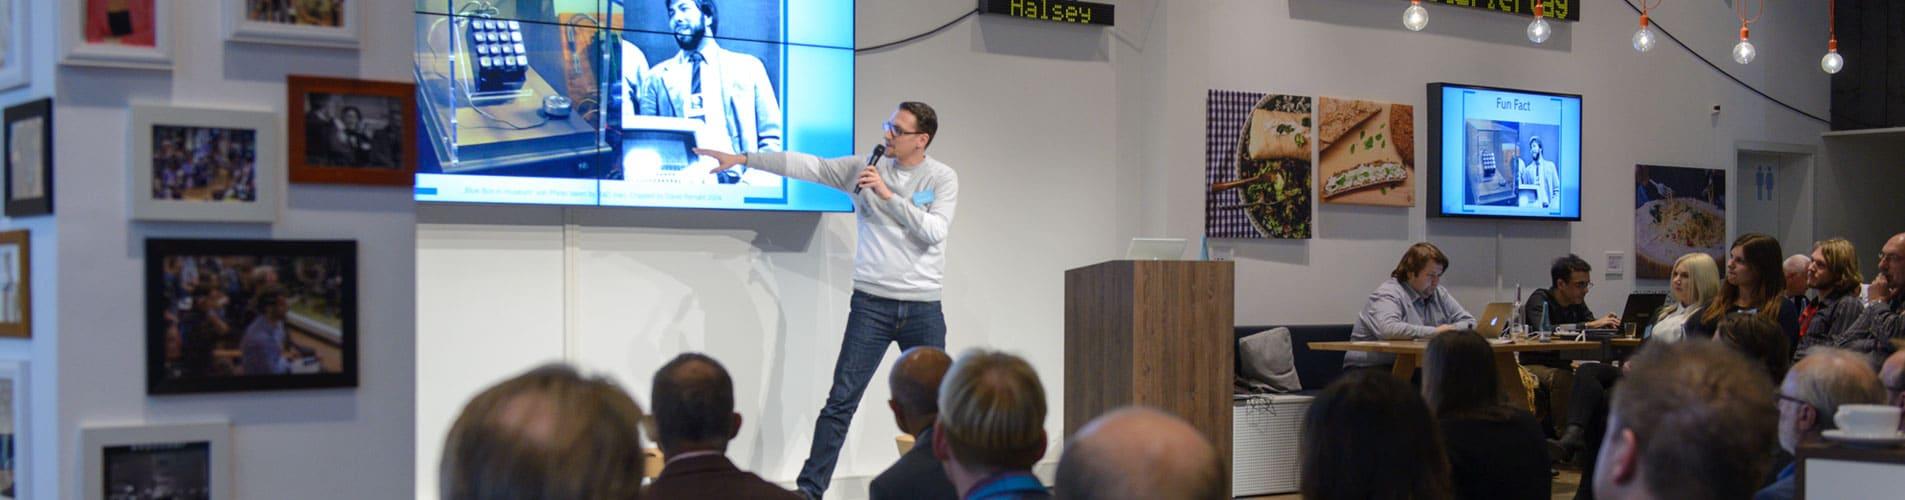 Netzgestalten-2015-Marcel-Schrepel